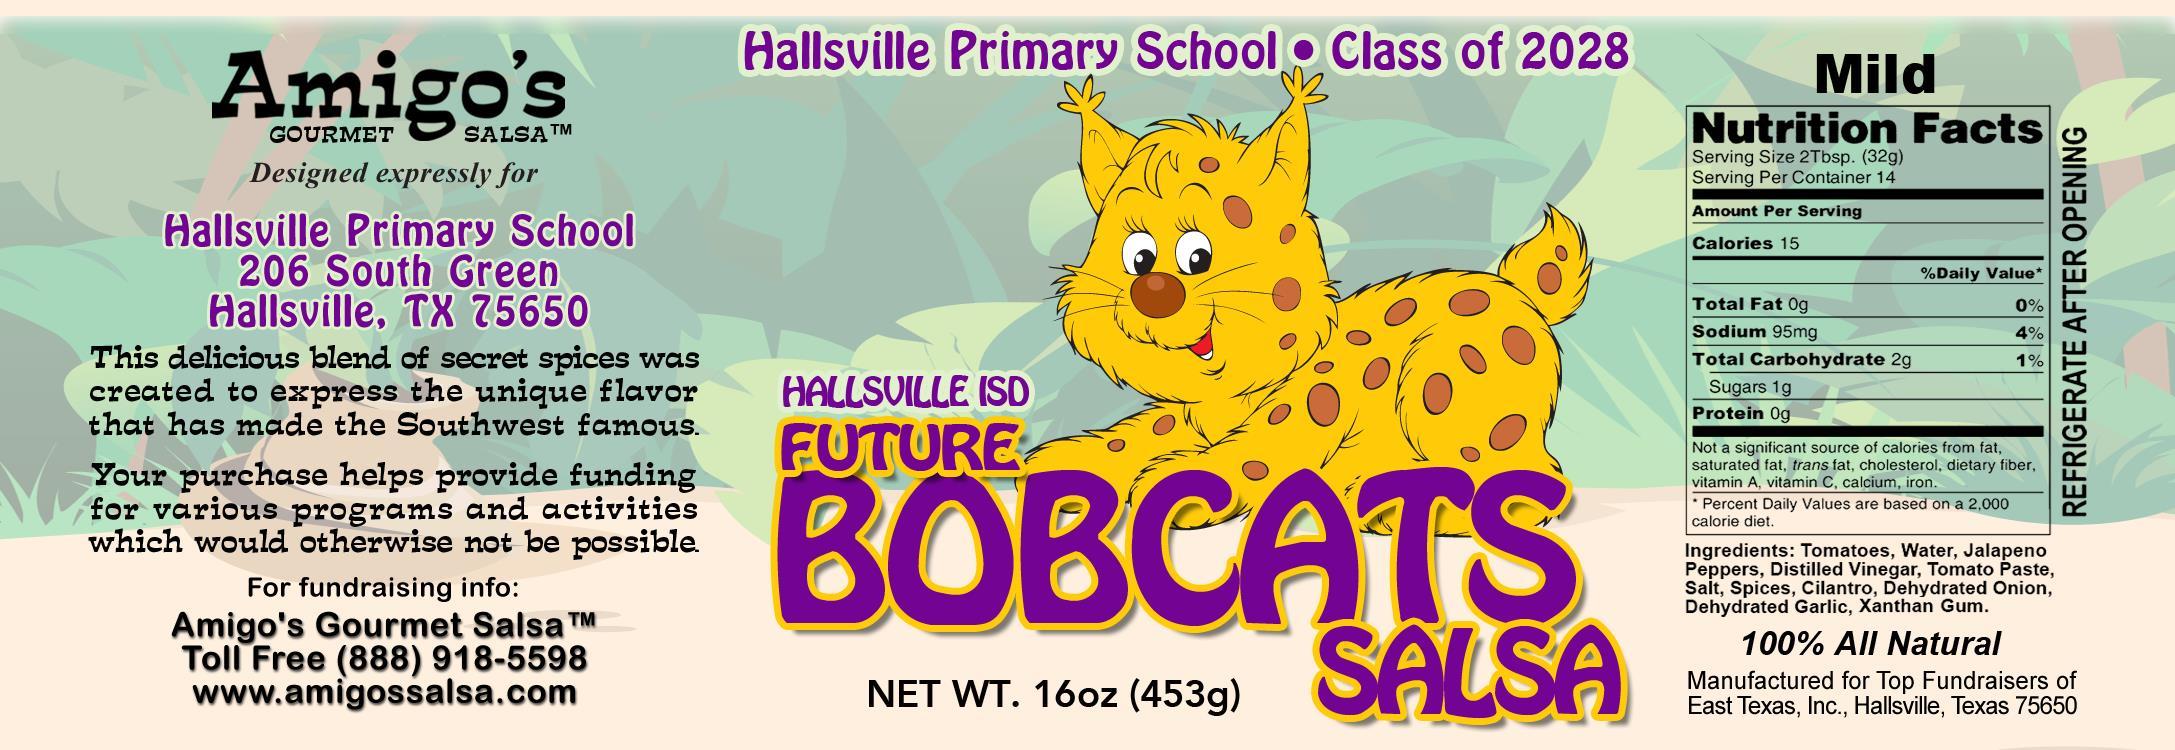 01 Hallsville MILD.jpg